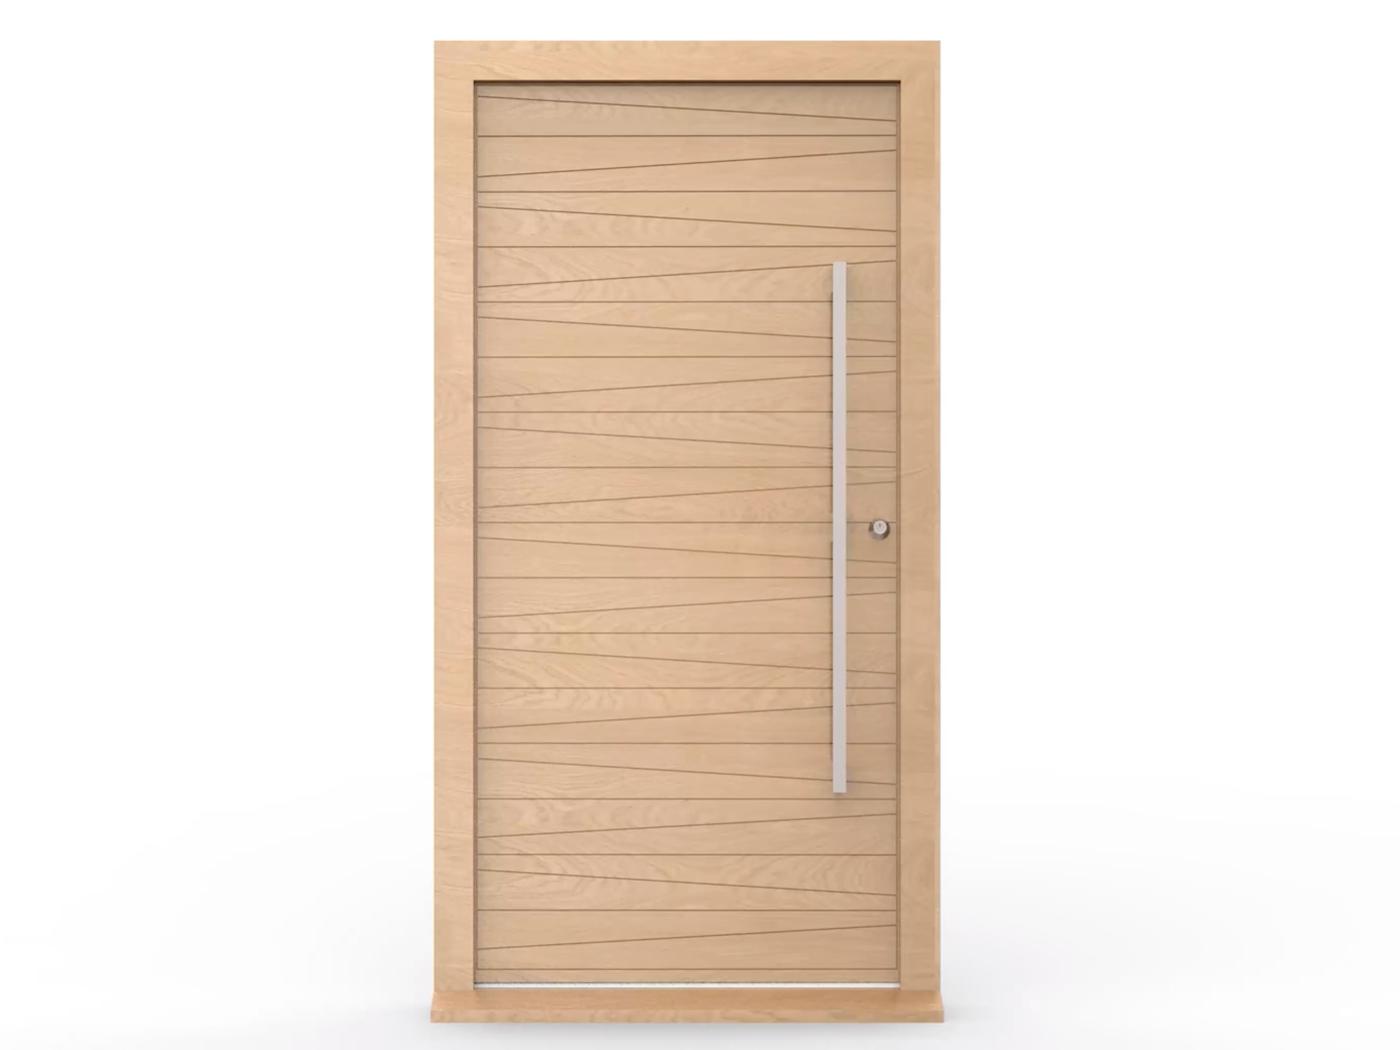 Hinged door opening